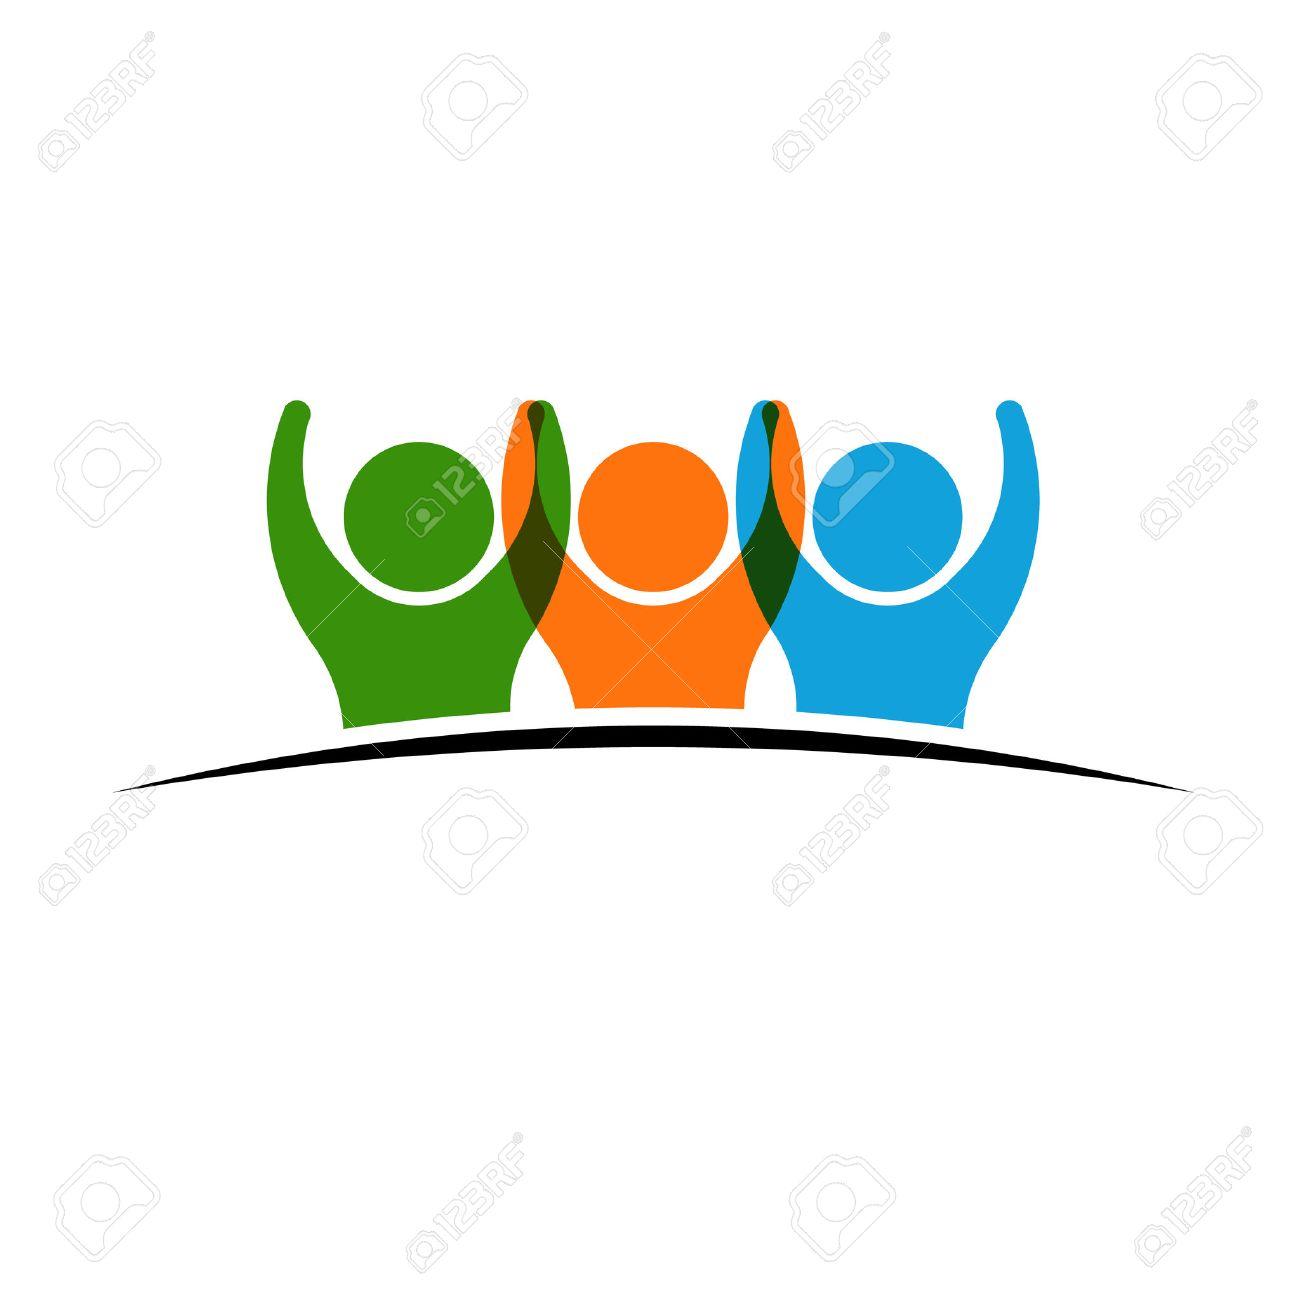 Tre persone si tengono per mano. Concetto di gruppo di persone, squadra felice, la vittoria Archivio Fotografico - 40574801